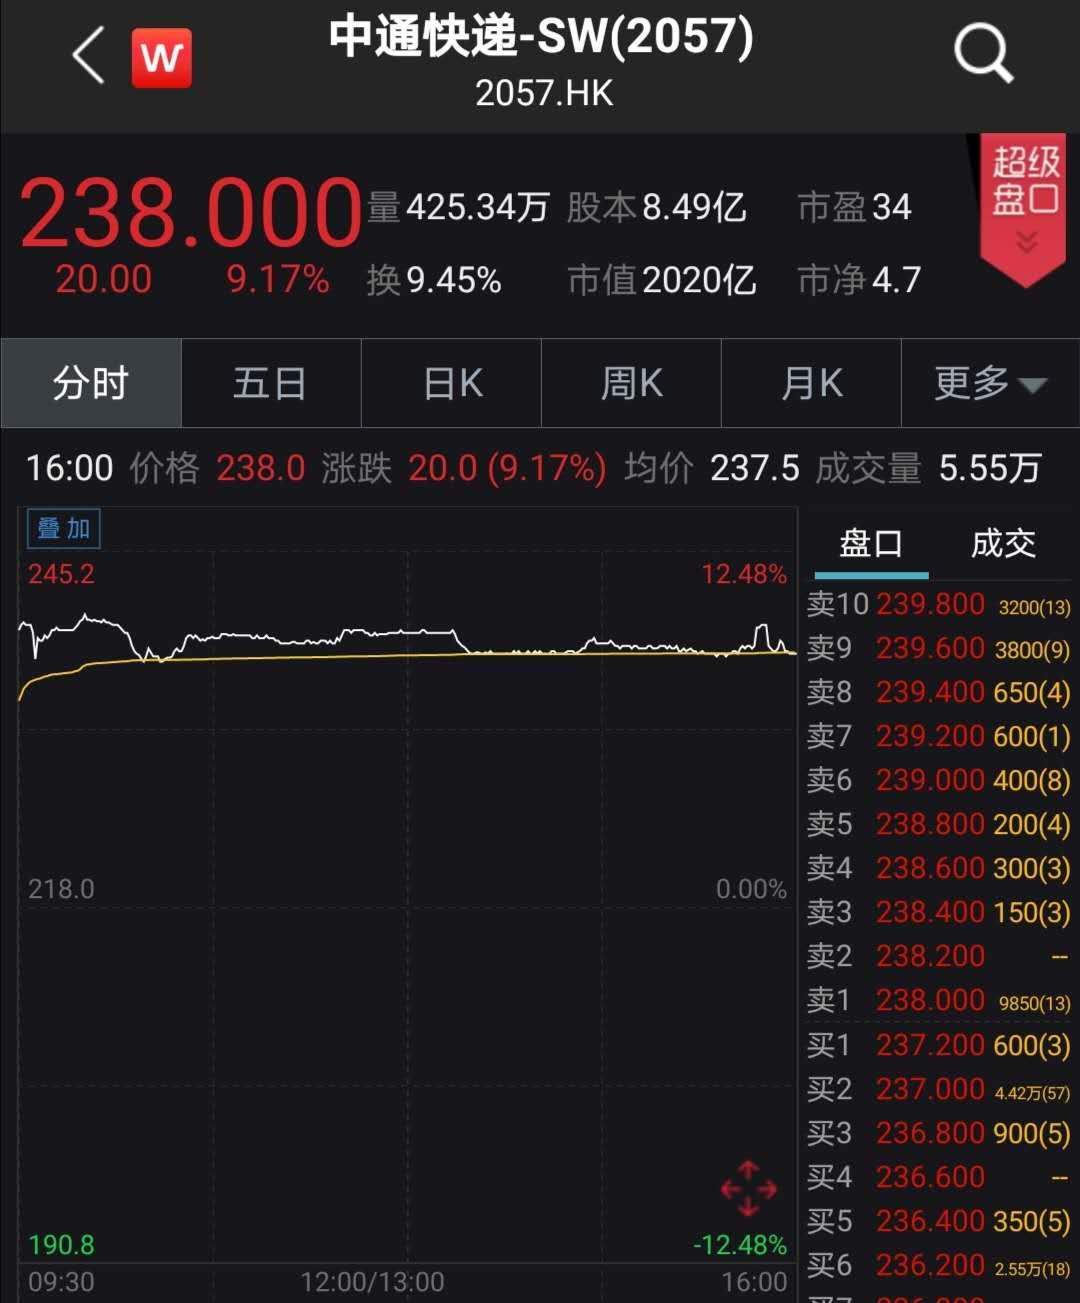 《【万和城公司】刚赚60亿,阿里又出手!3.85亿战投这家A股,马云离梦想更近了》